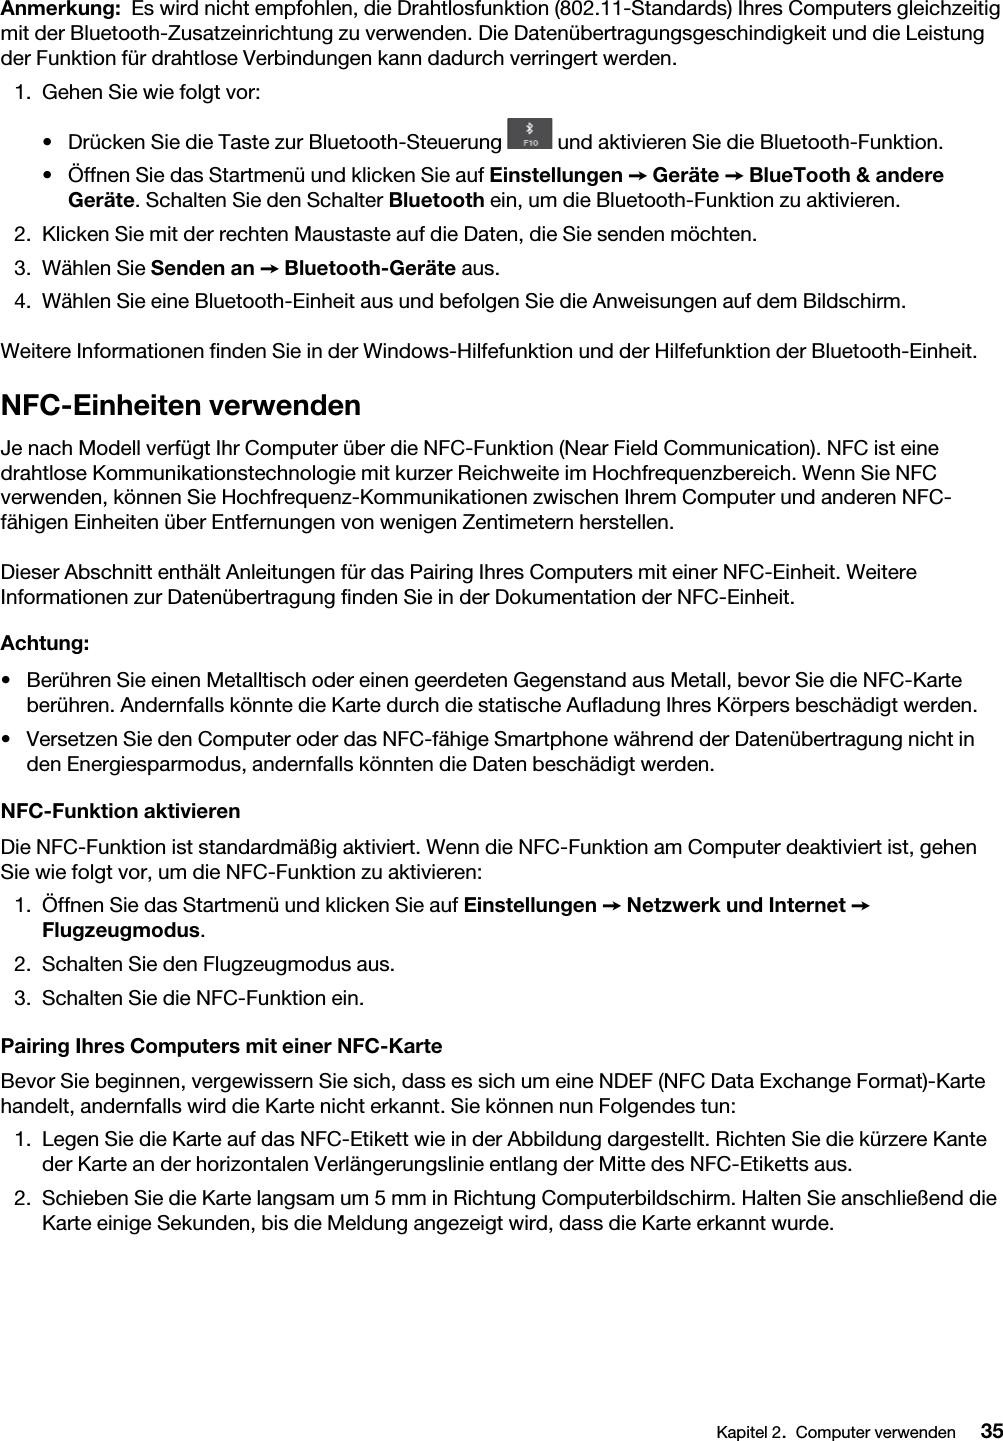 Großartig Drahtlose Kommunikationstechnologie Pdf Galerie - Der ...